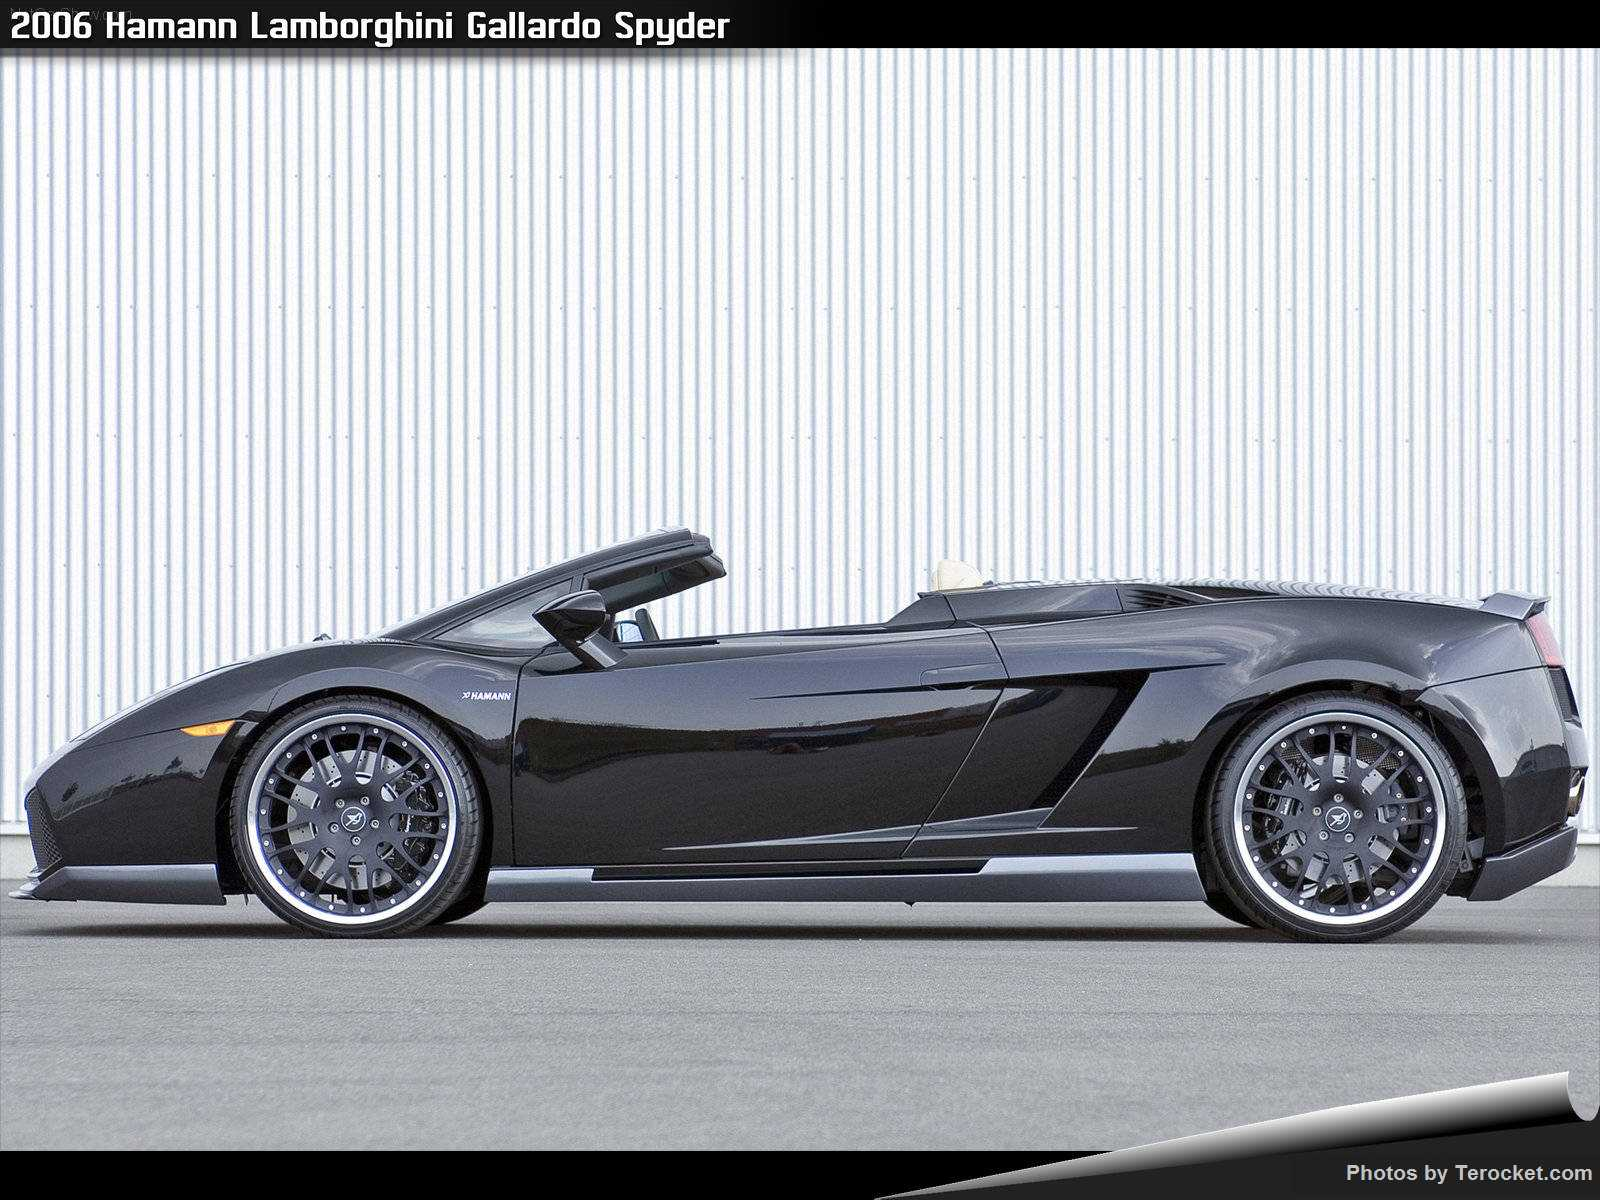 Hình ảnh xe ô tô Hamann Lamborghini Gallardo Victory 2007 & nội ngoại thất